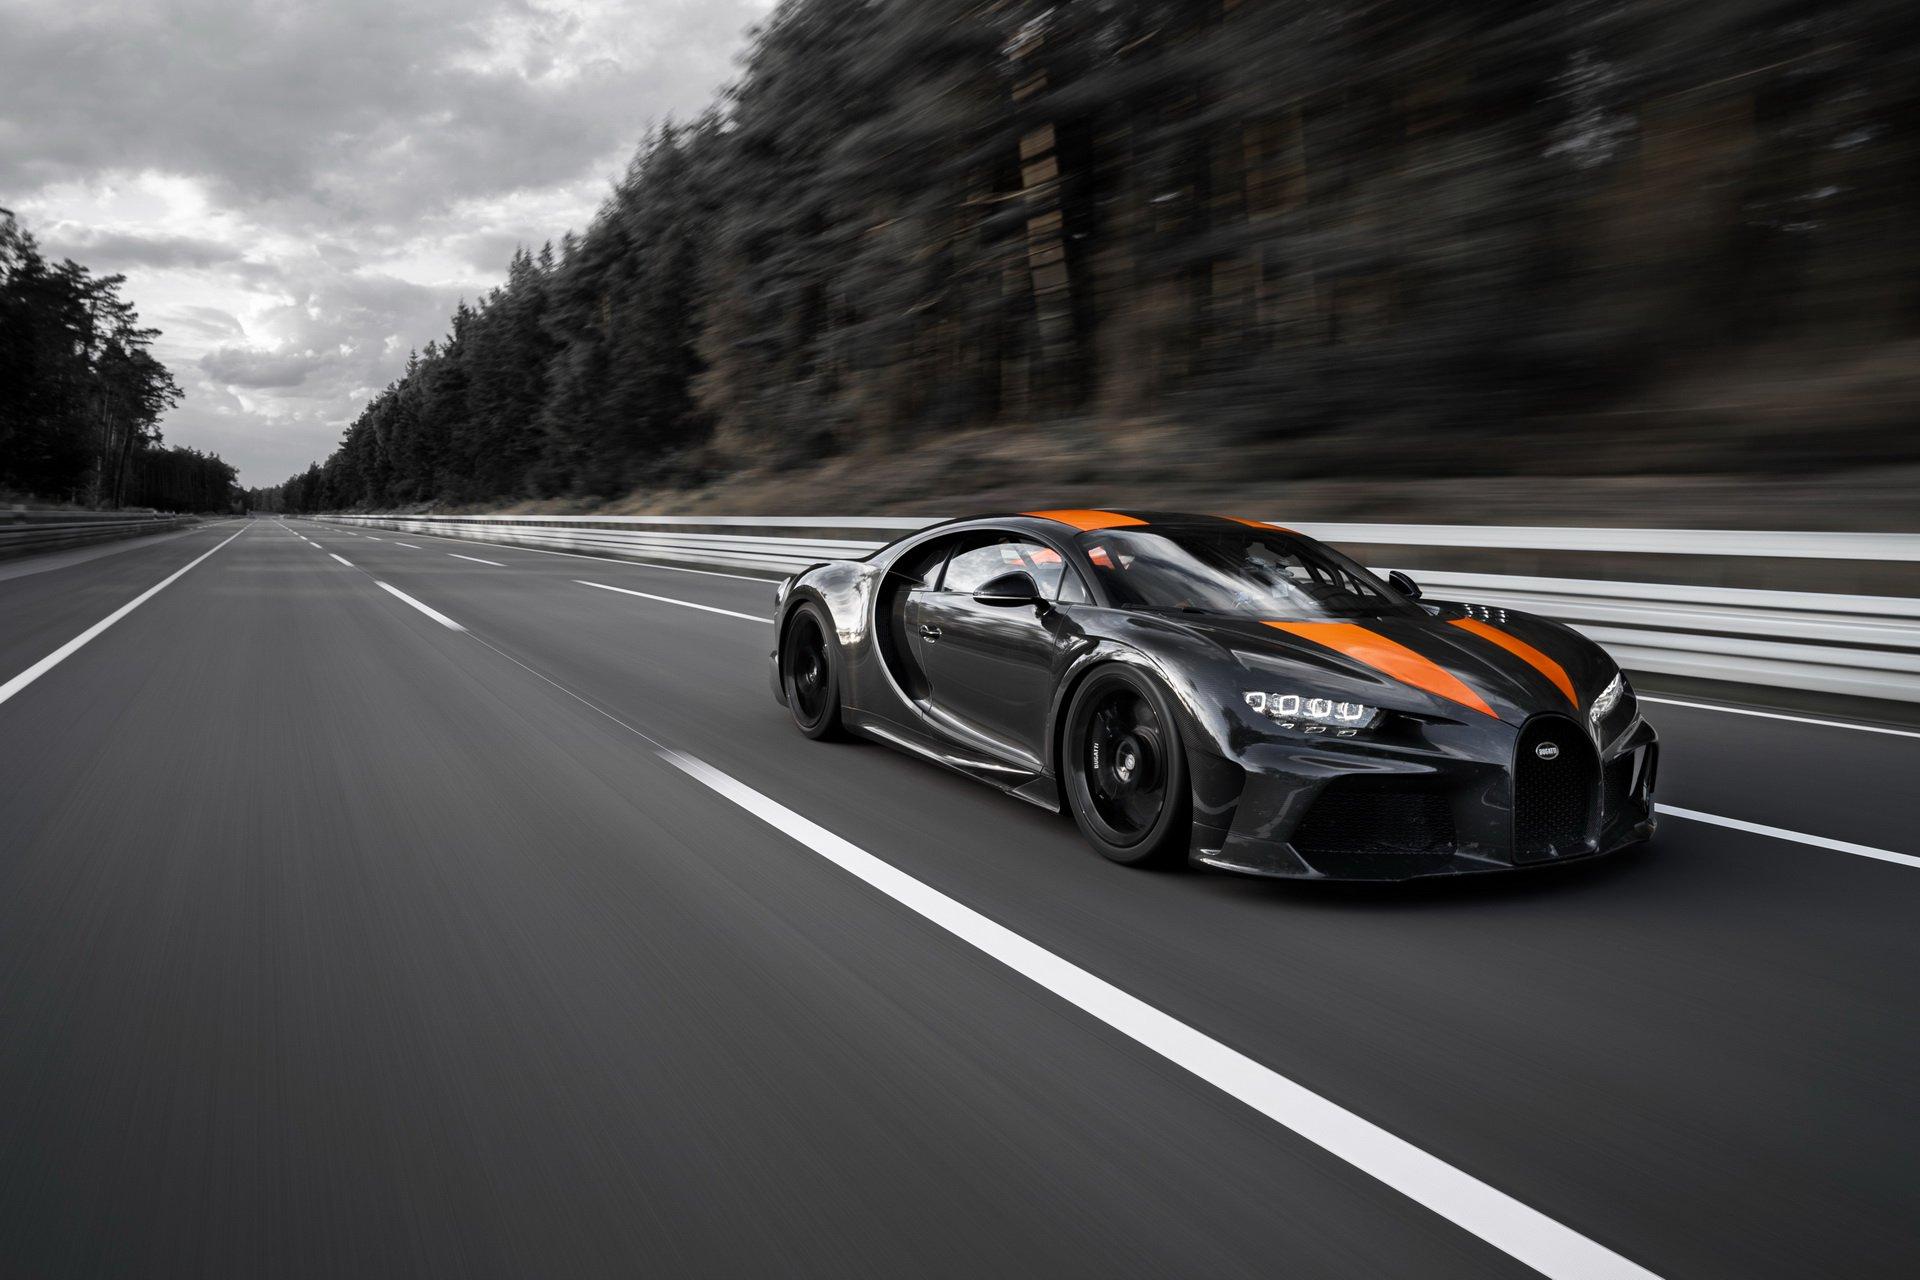 Las imágenes del récord de velocidad del Bugatti Chiron